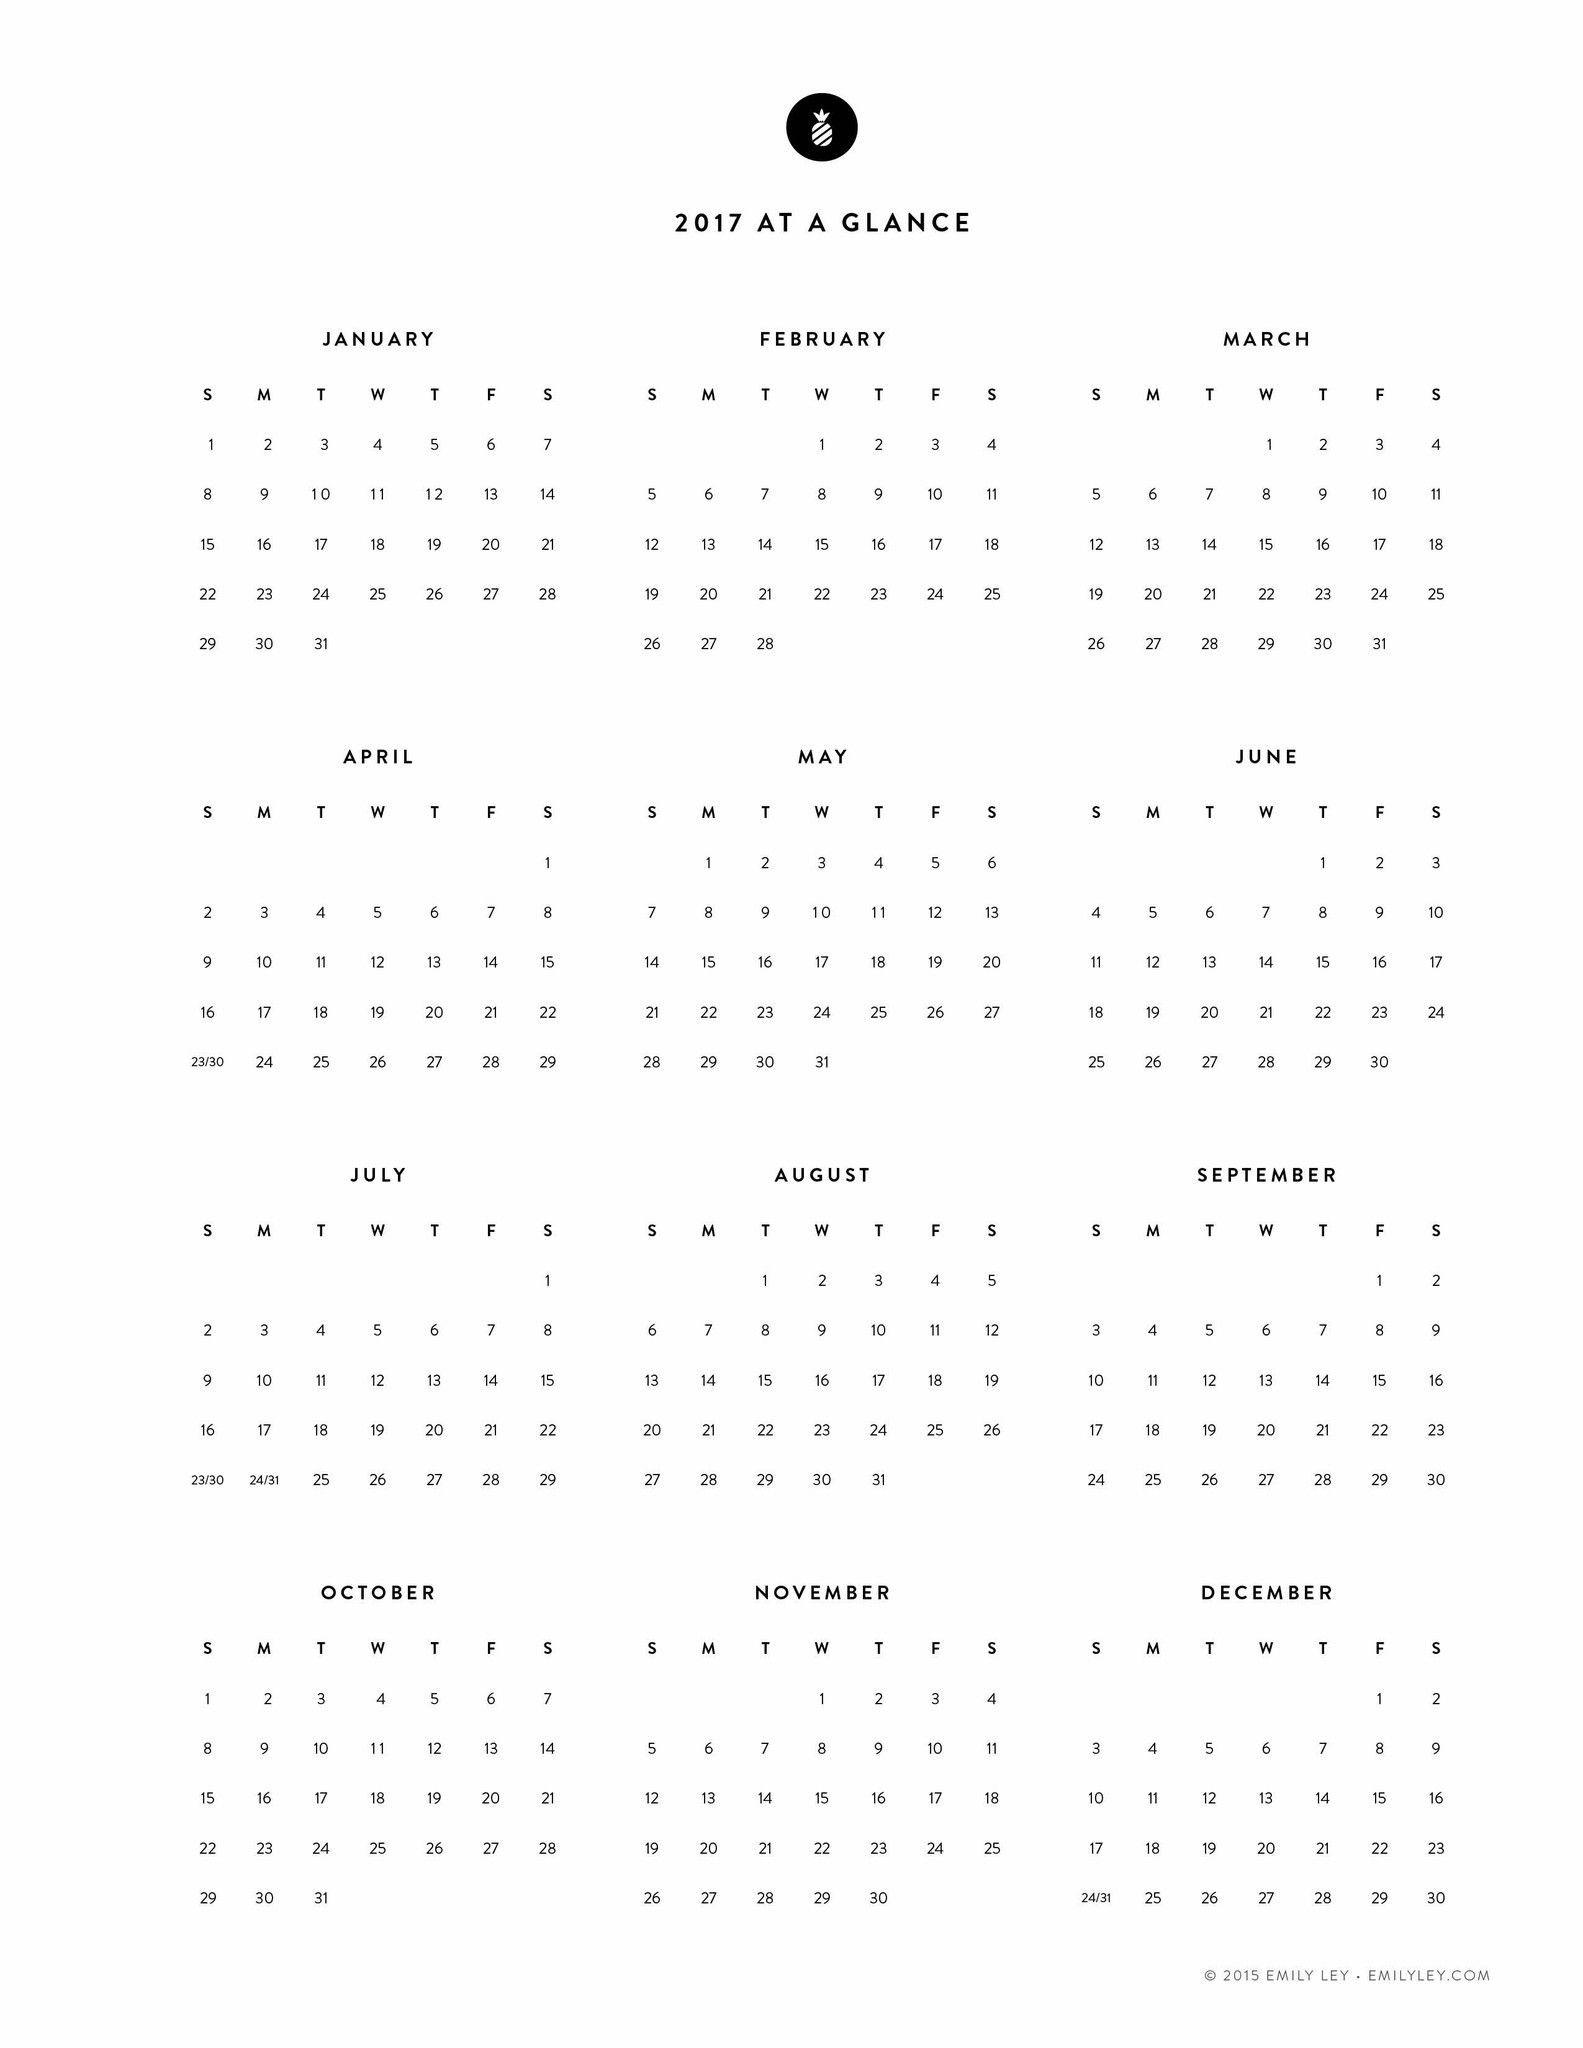 Calendario Lunar Zodiaco 2019 Más Recientes Free Printable 2017 Yearly Calendar – Emily Ley Of Calendario Lunar Zodiaco 2019 Más Recientes V 2019 02 13 S